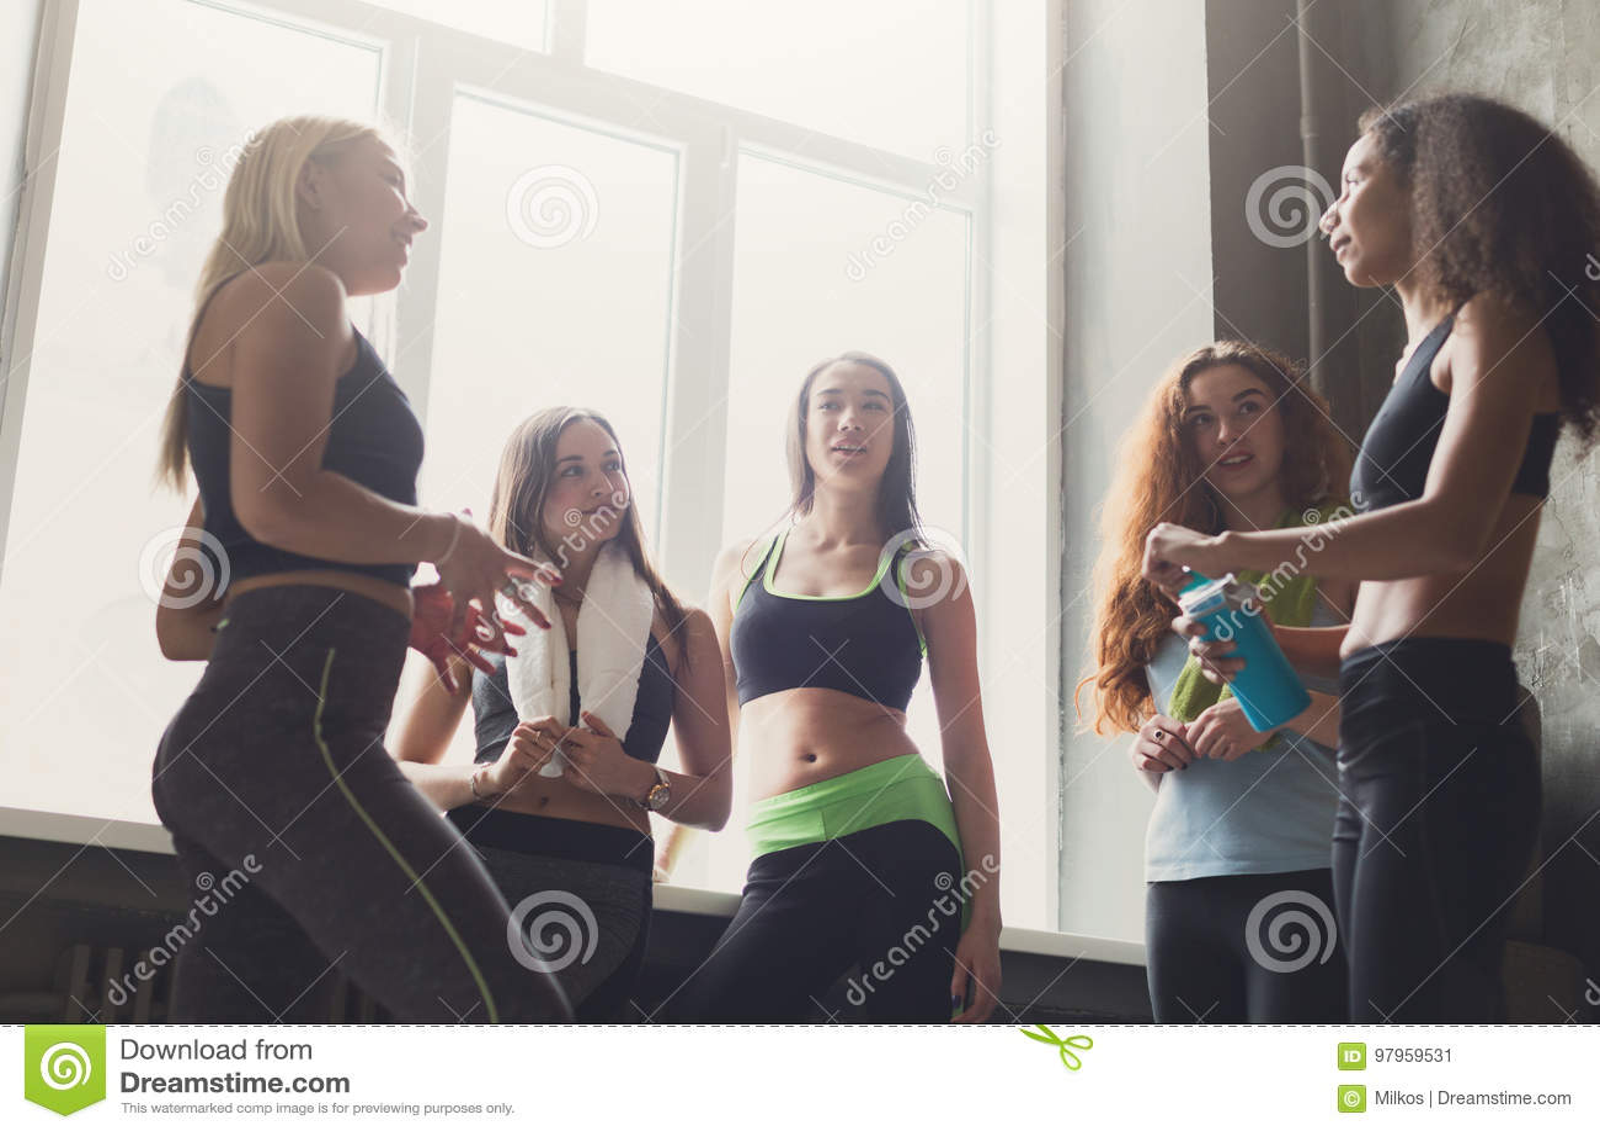 sexy stripping turkish girls